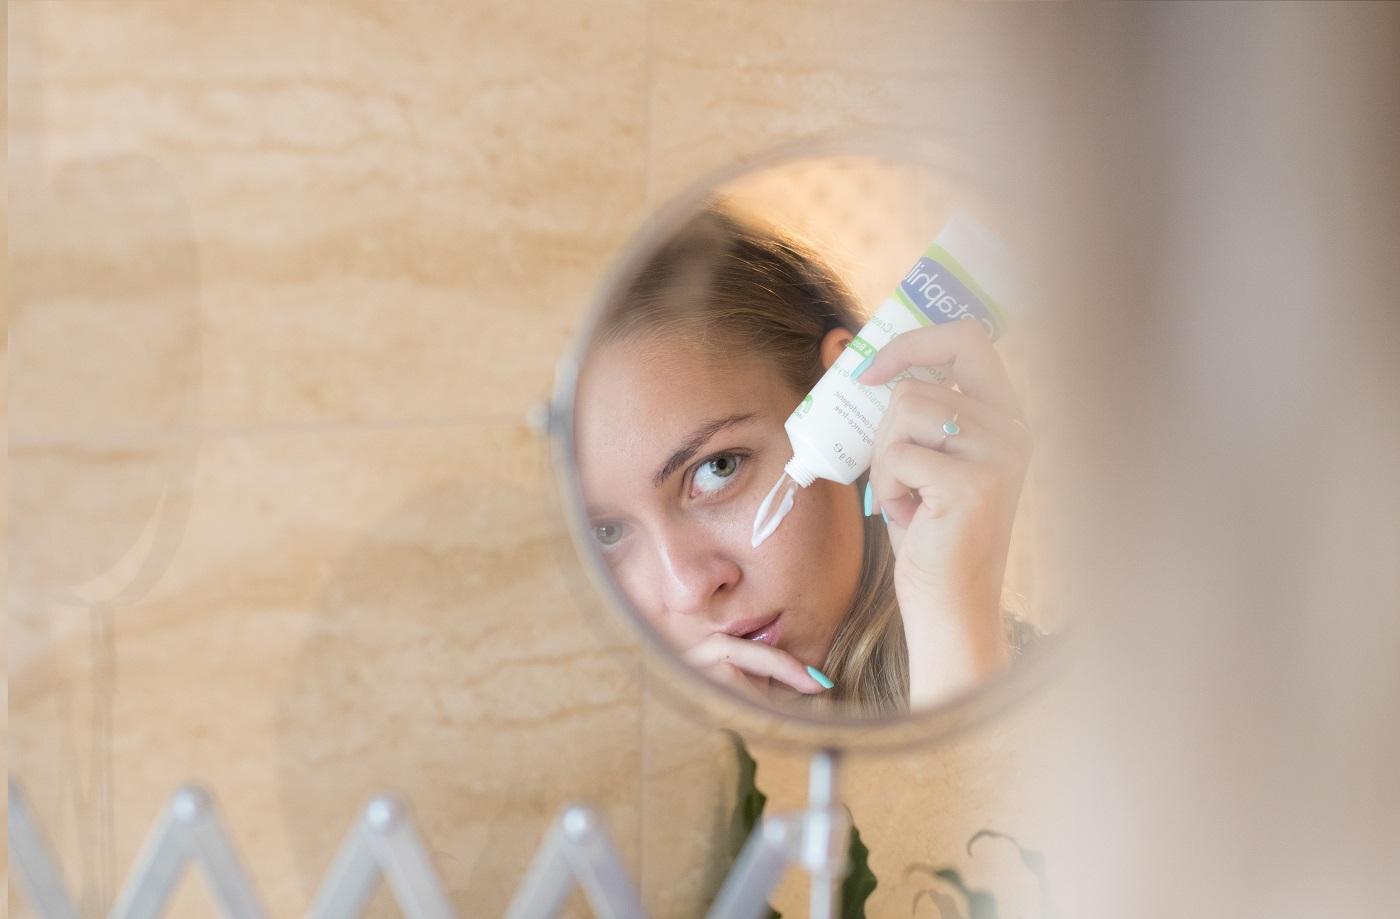 Gyógyítható a pikkelysömör egy kevesek által ismert módszerrel | nemesokogazdasag.hu